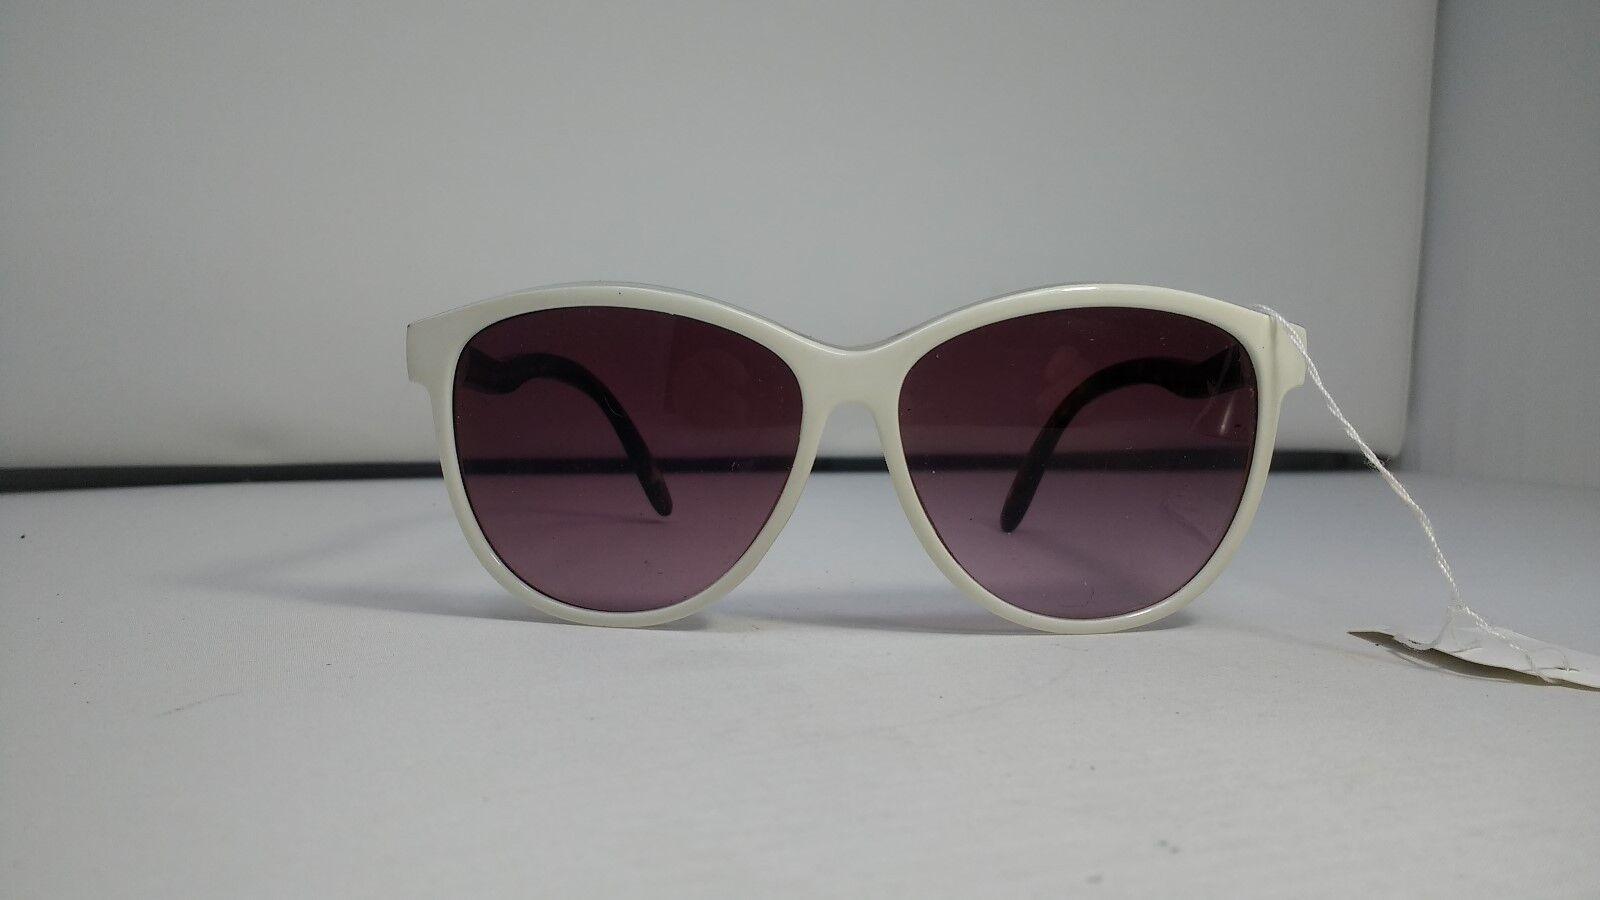 Betsey Johnson Sunglasses BJ213 82 WHITE TORTOISE 58-14-142 2392